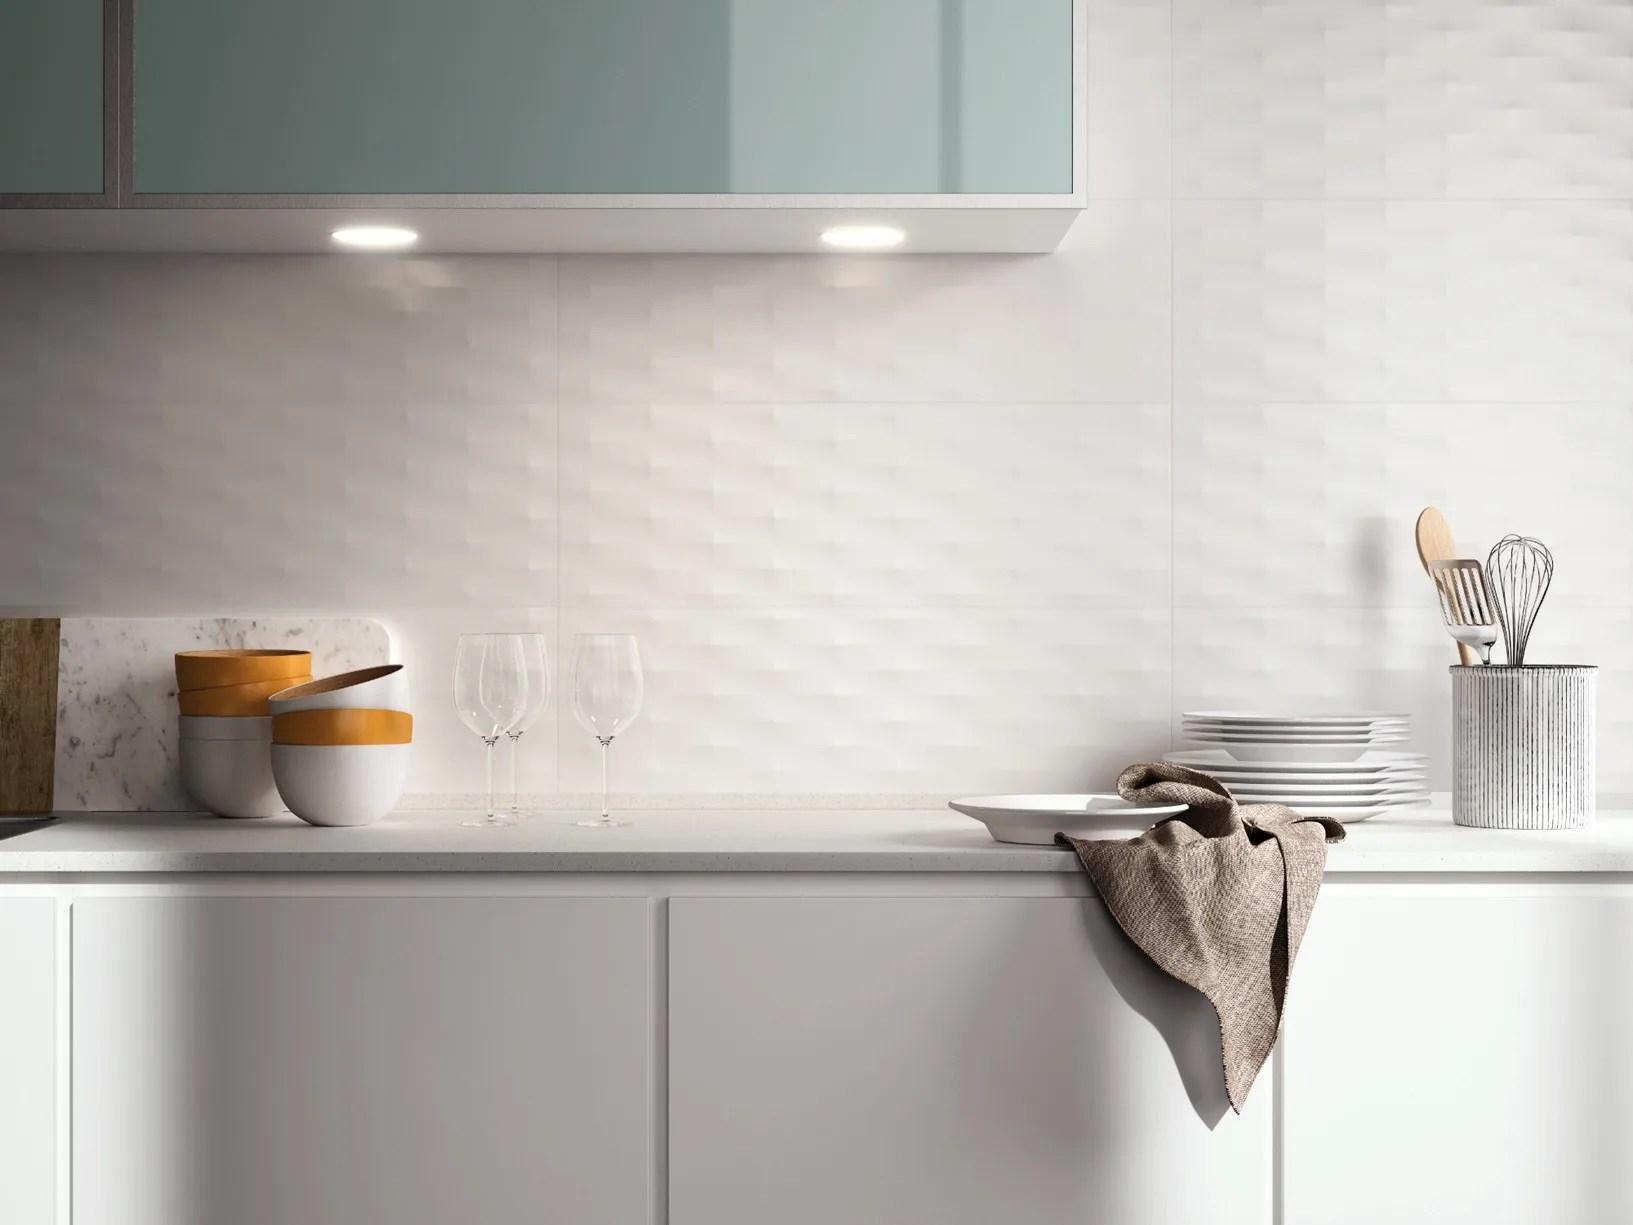 Piastrella bianca lucida texture tridimensionali opache o